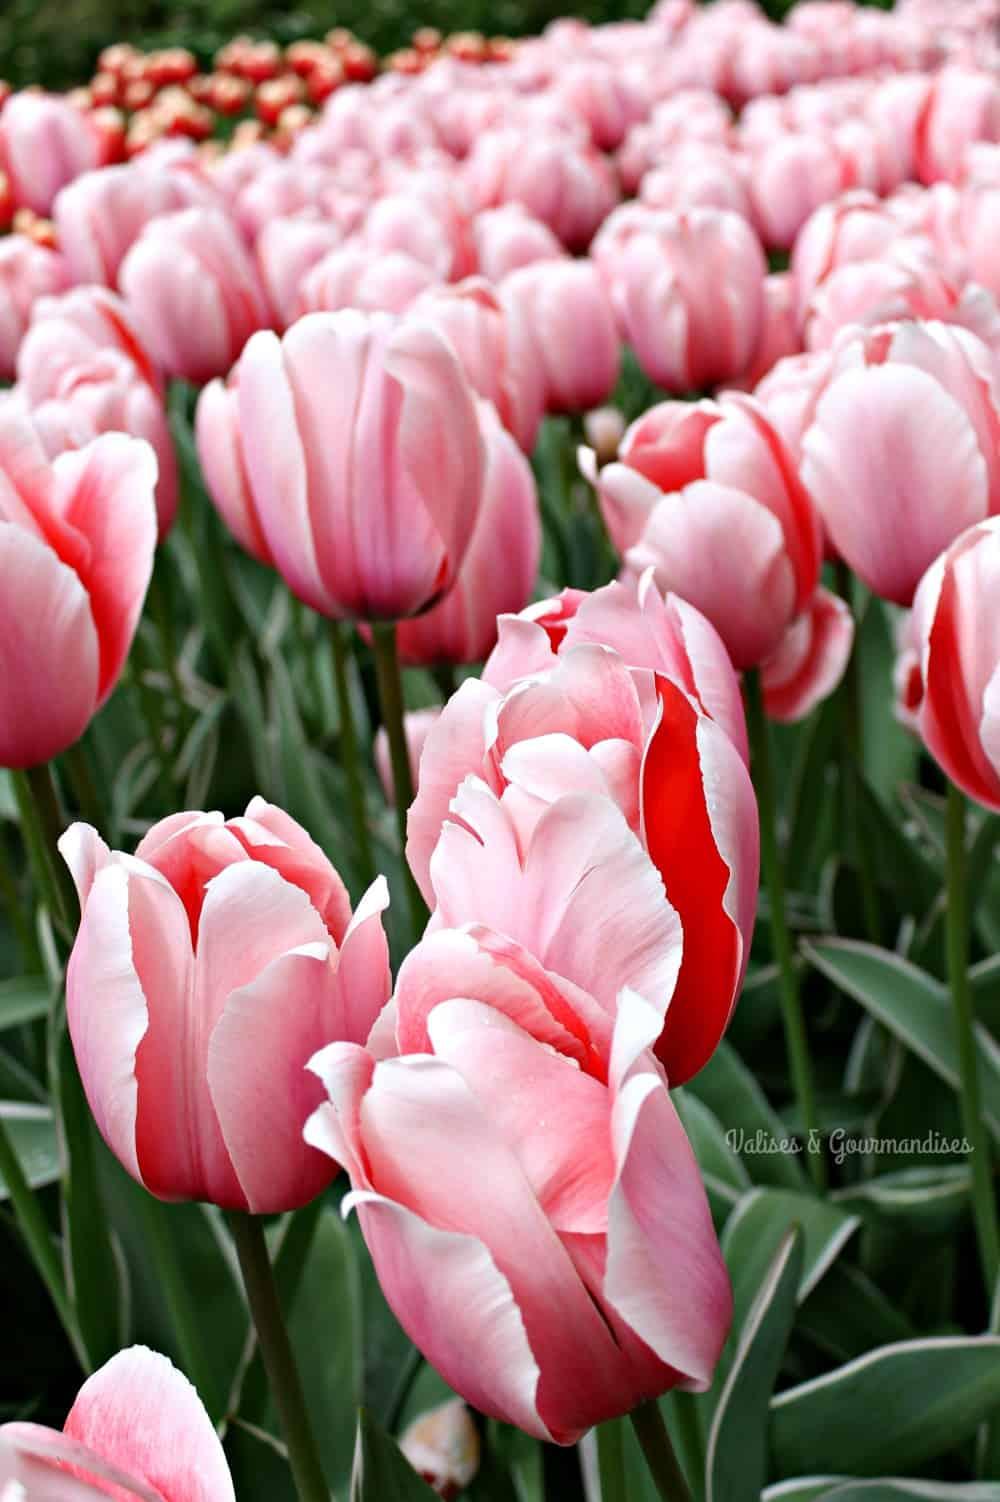 Tulips at Keukenhof, Netherlands